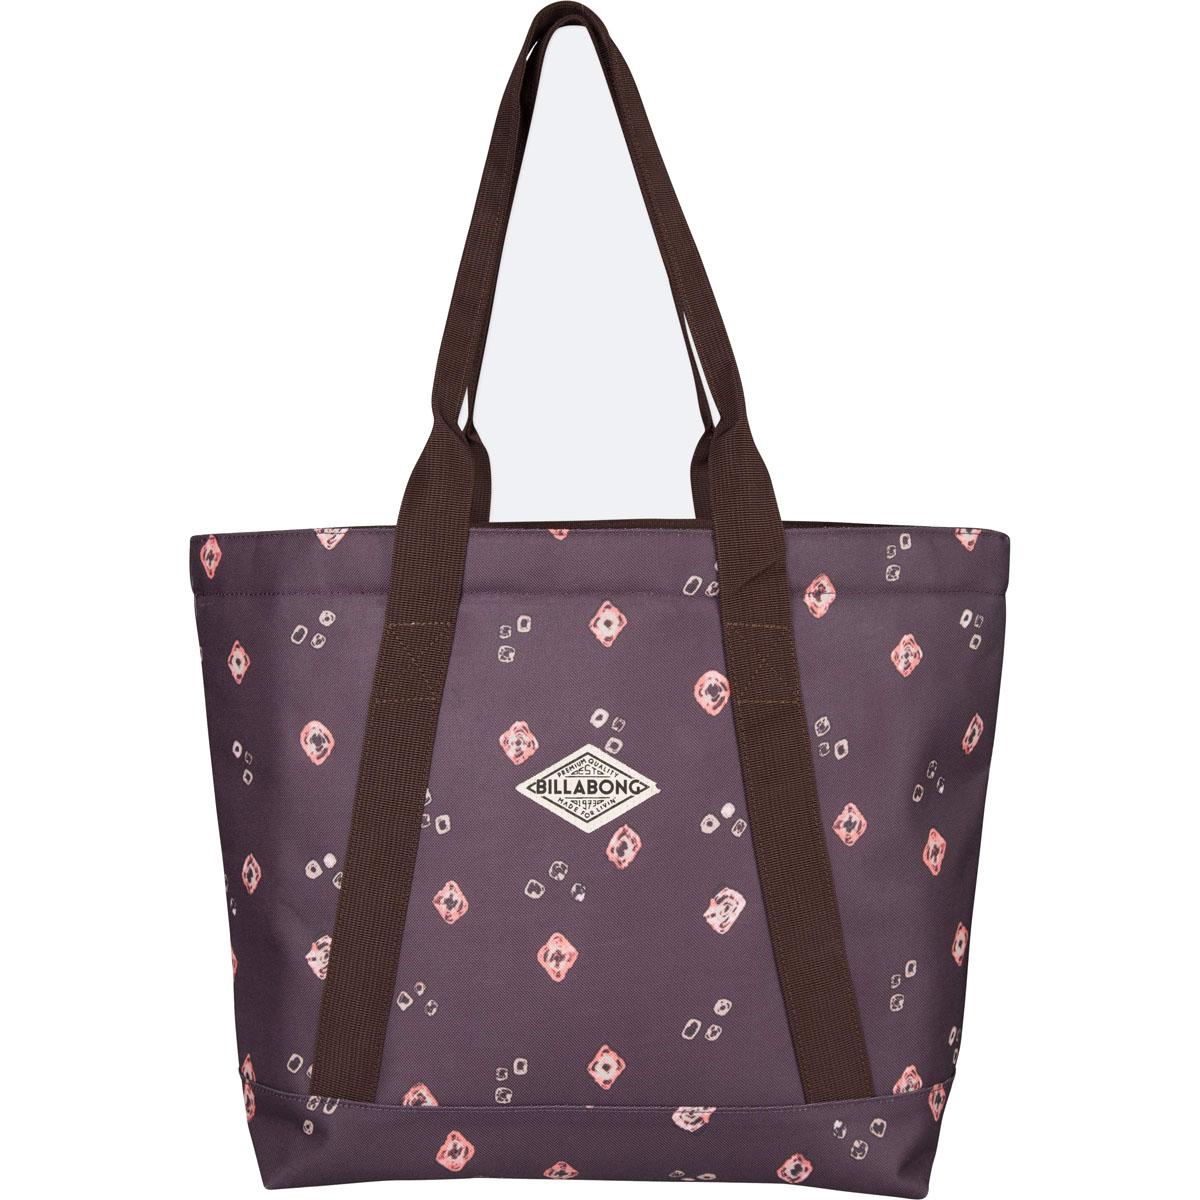 Сумка женская Billabong Erasun, цвет: светло-бордовый , 20 лL39845800Вместительная сумка Billabong Erasun, обеспечивающая такую же вместимость, что и любимая пляжная сумка, но предлагающая городской функционал. Застежка на молнии сохранит все ваши вещи в целости, а внутренний карман и отсек для ноутбука позволят правильно организовать пространство для переноски вещей.